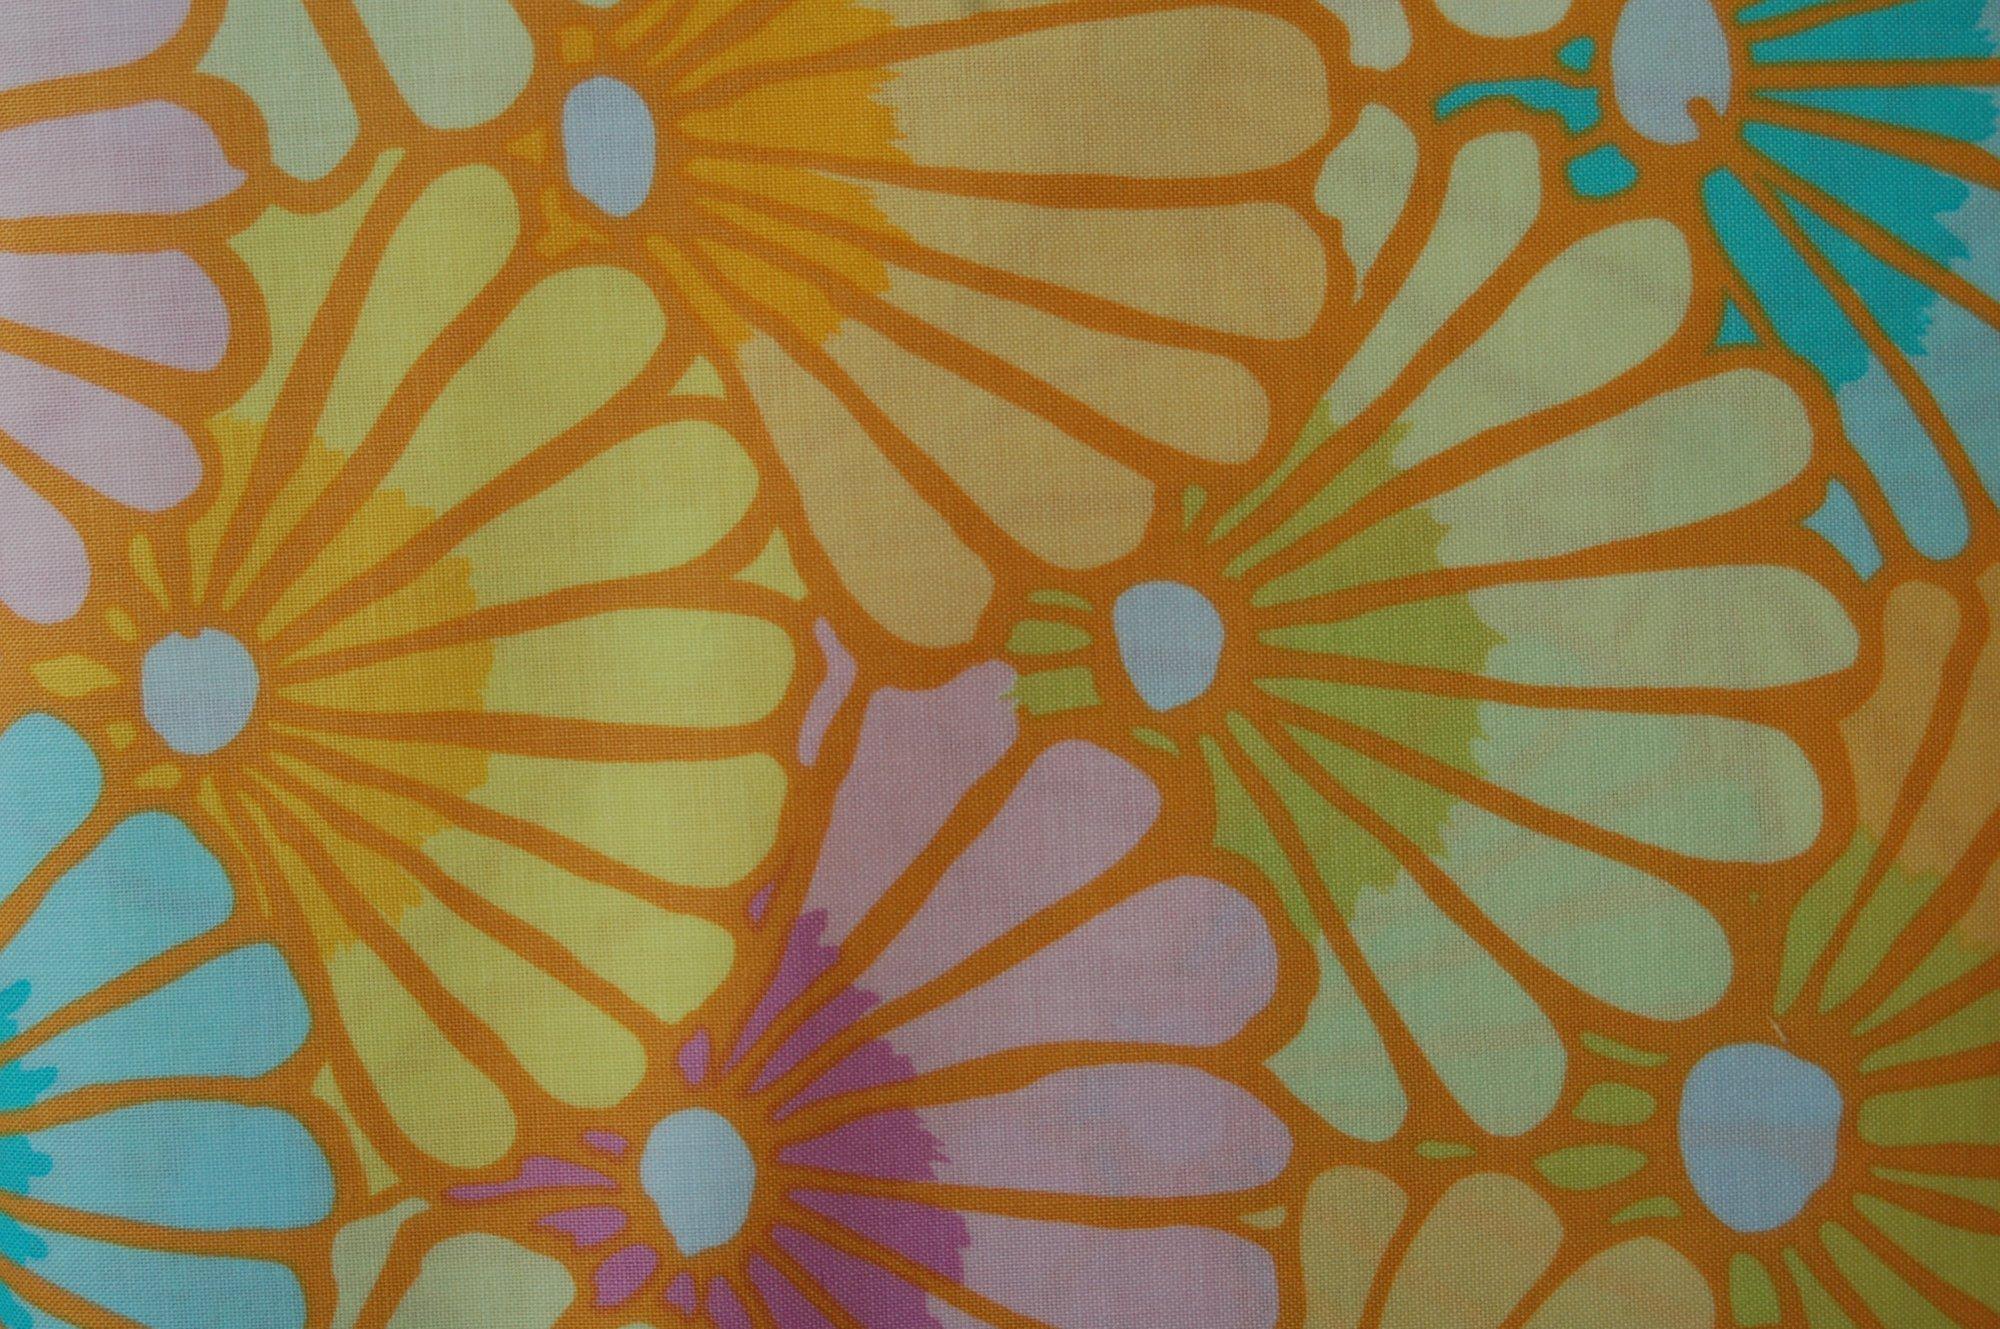 Kaffe Fall 2014 - Thousand Flowers by Kaffe Fassett for Free Spirit